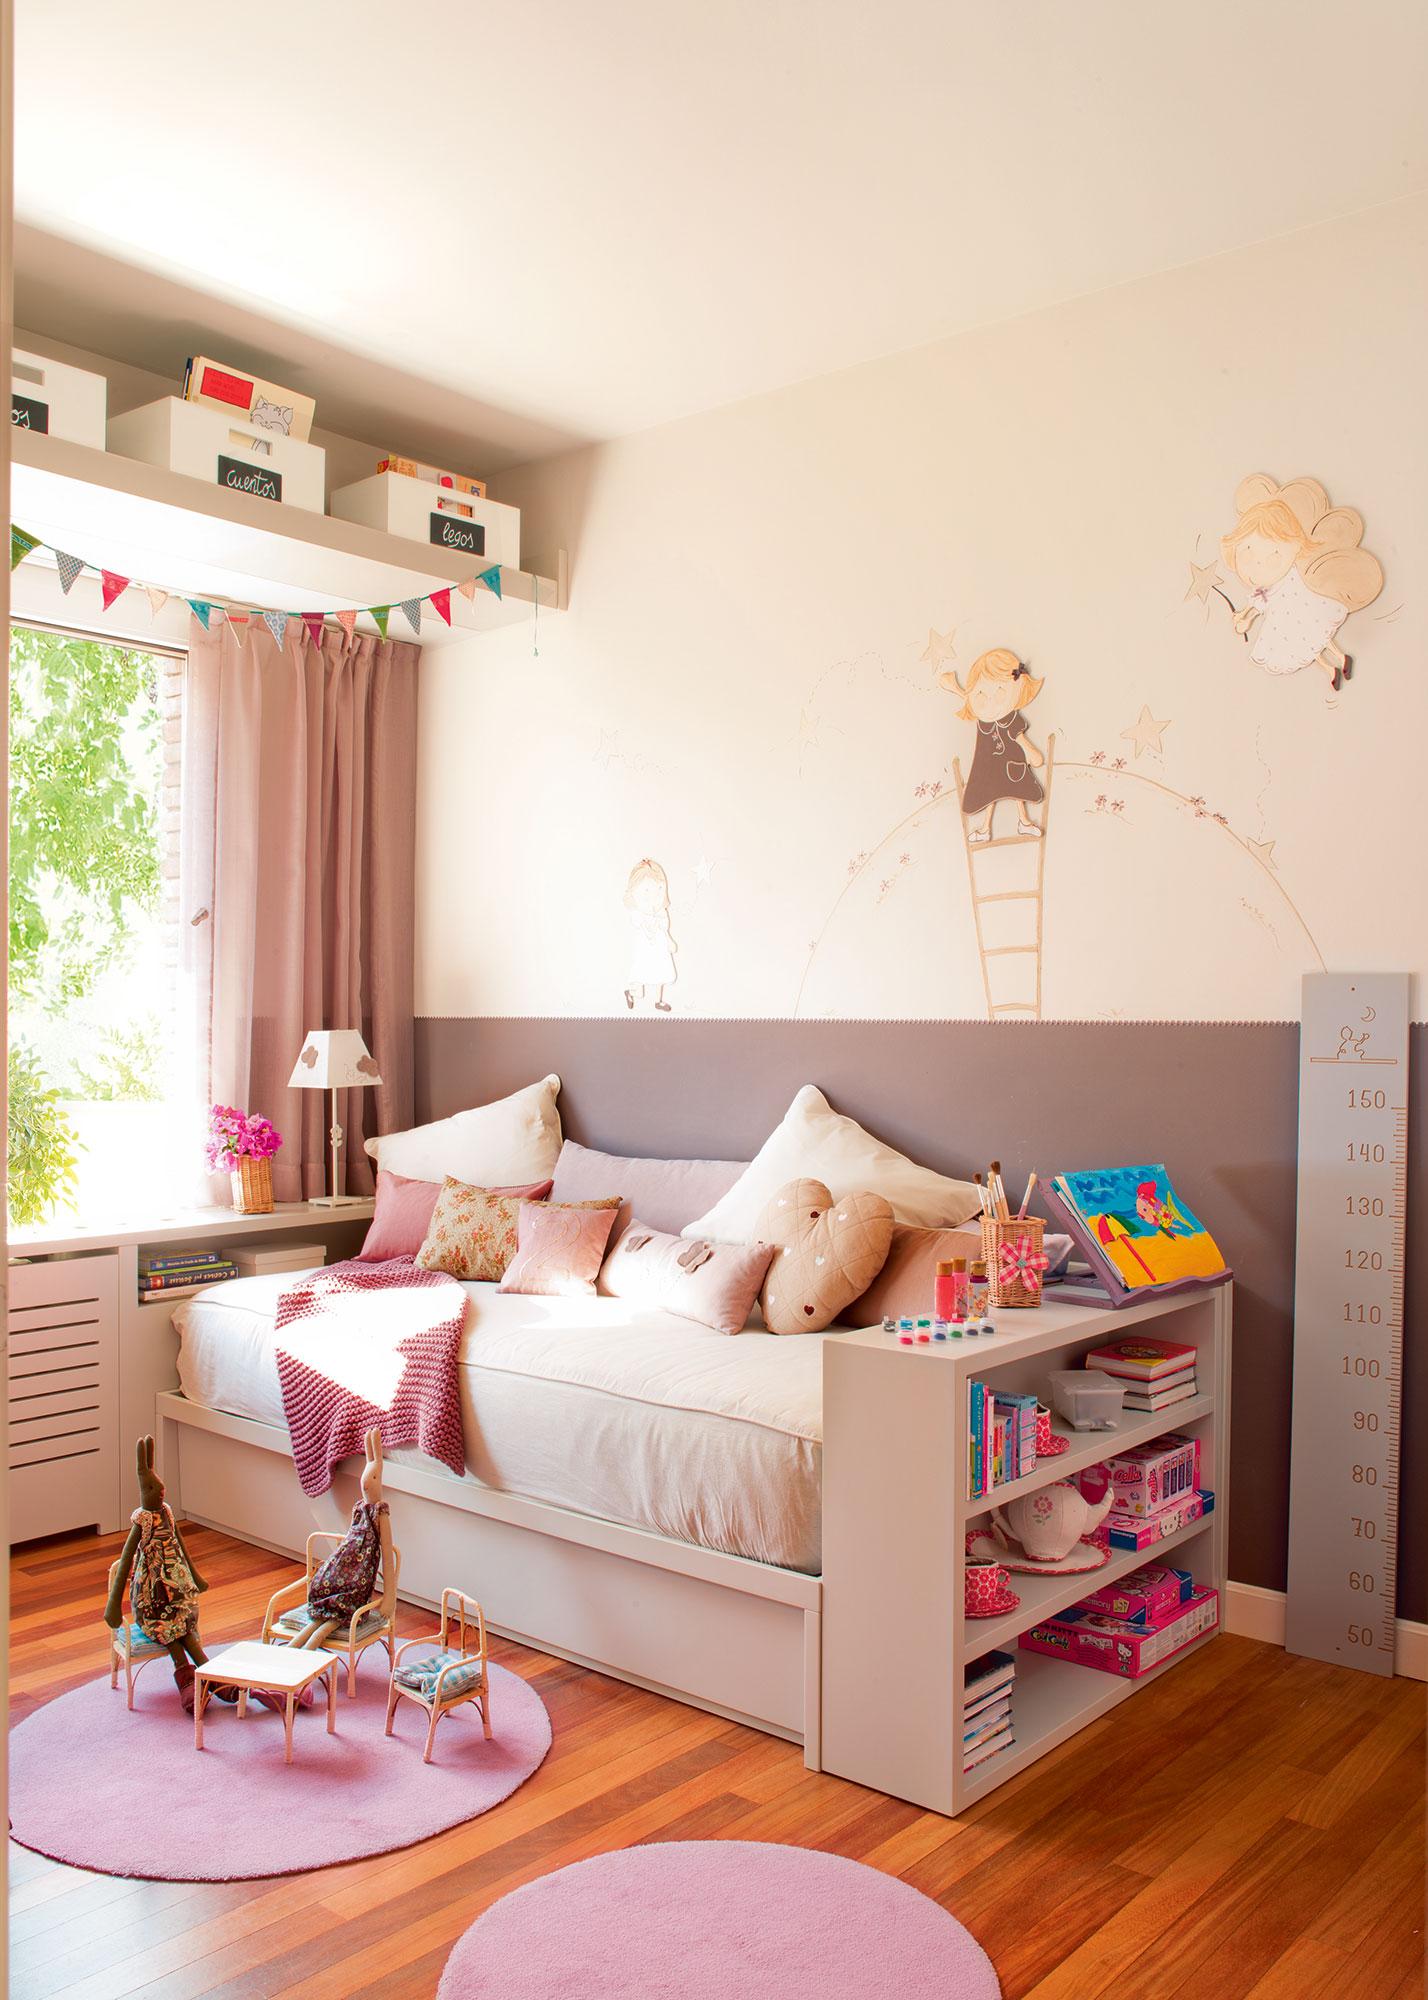 Soluciones para ordenar y guardar los juguetes - Zocalo pared ...